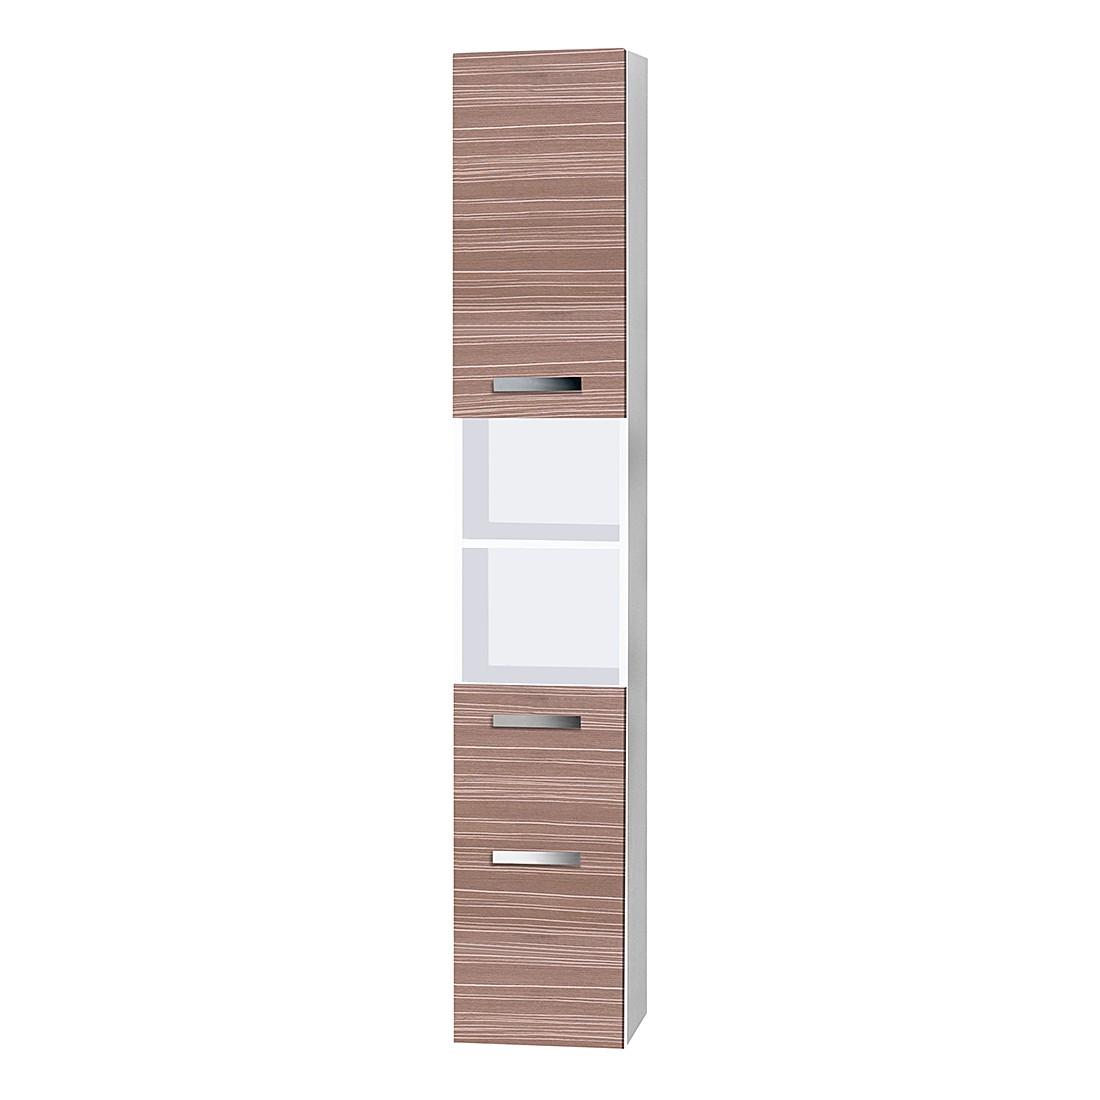 Hochschrank lausanne zebrino beige wei for Hochschrank schlafzimmer